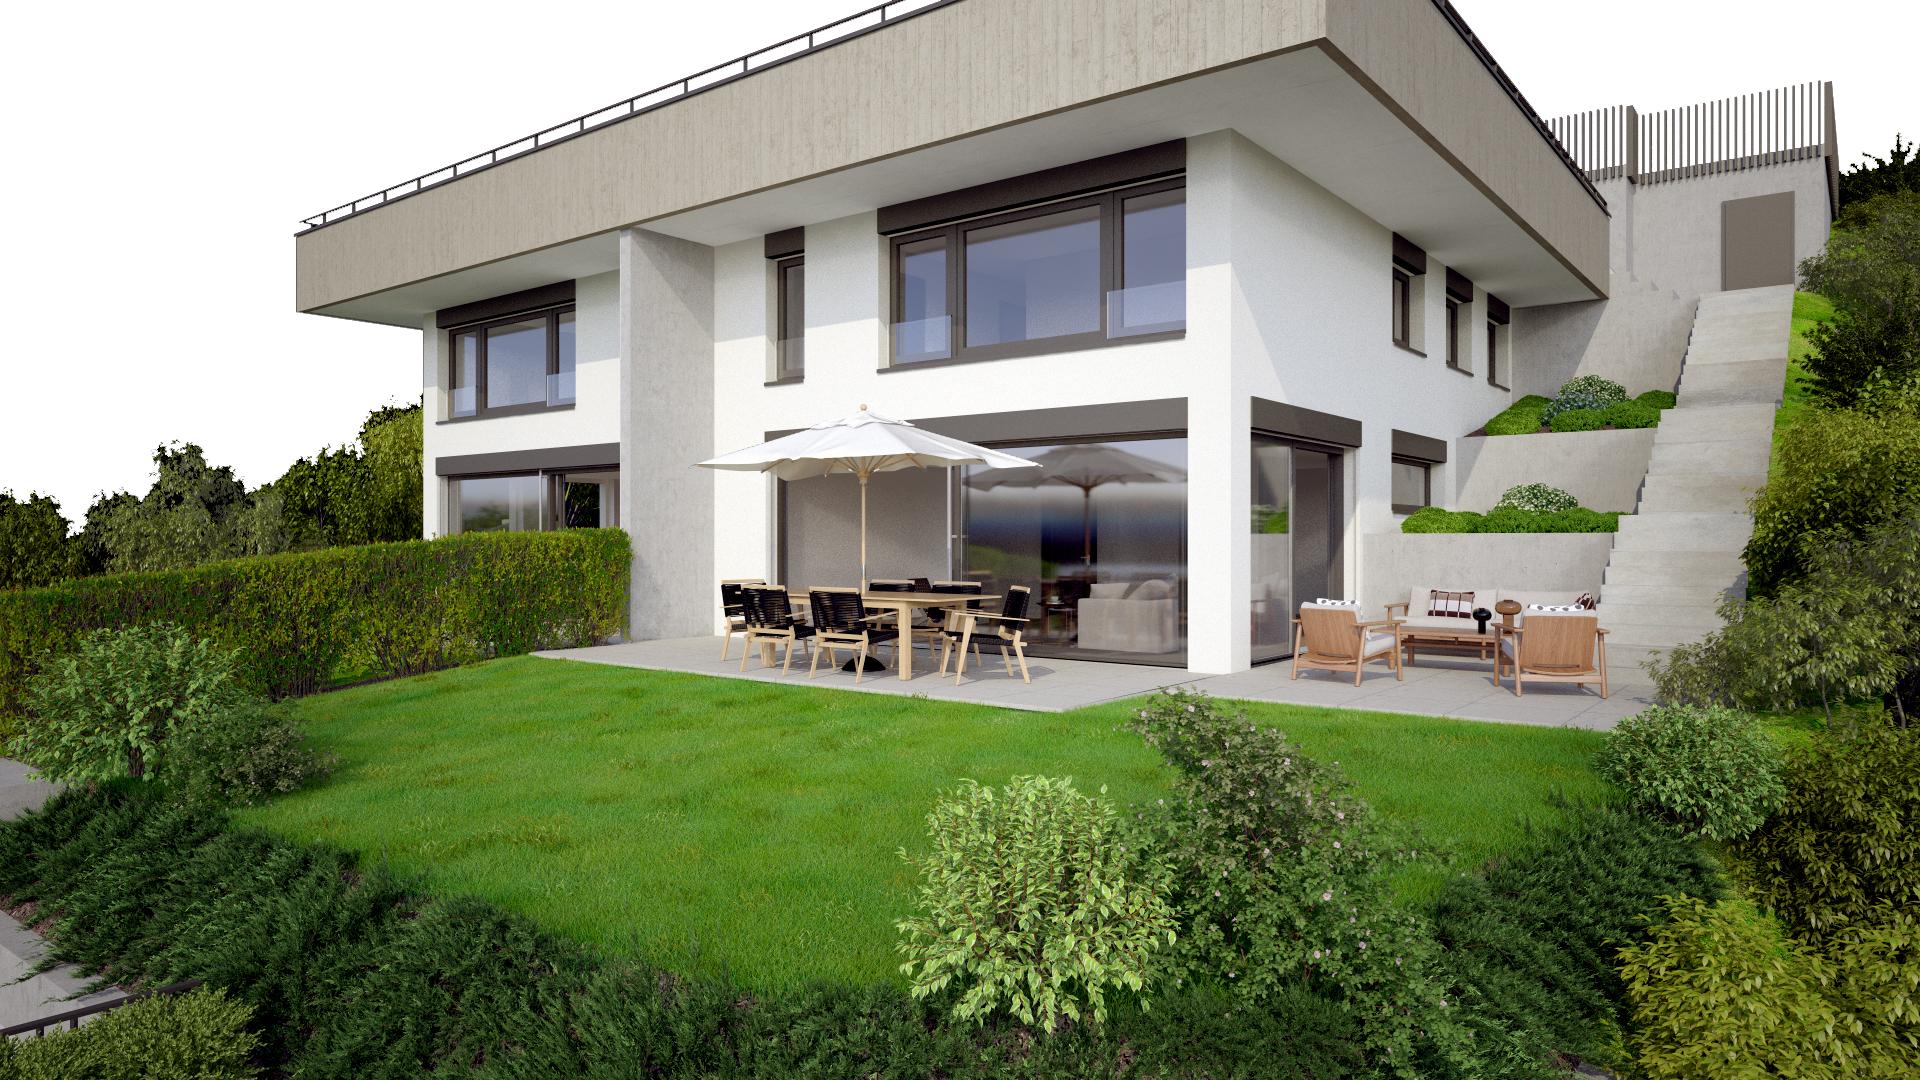 Model Villas simpl4